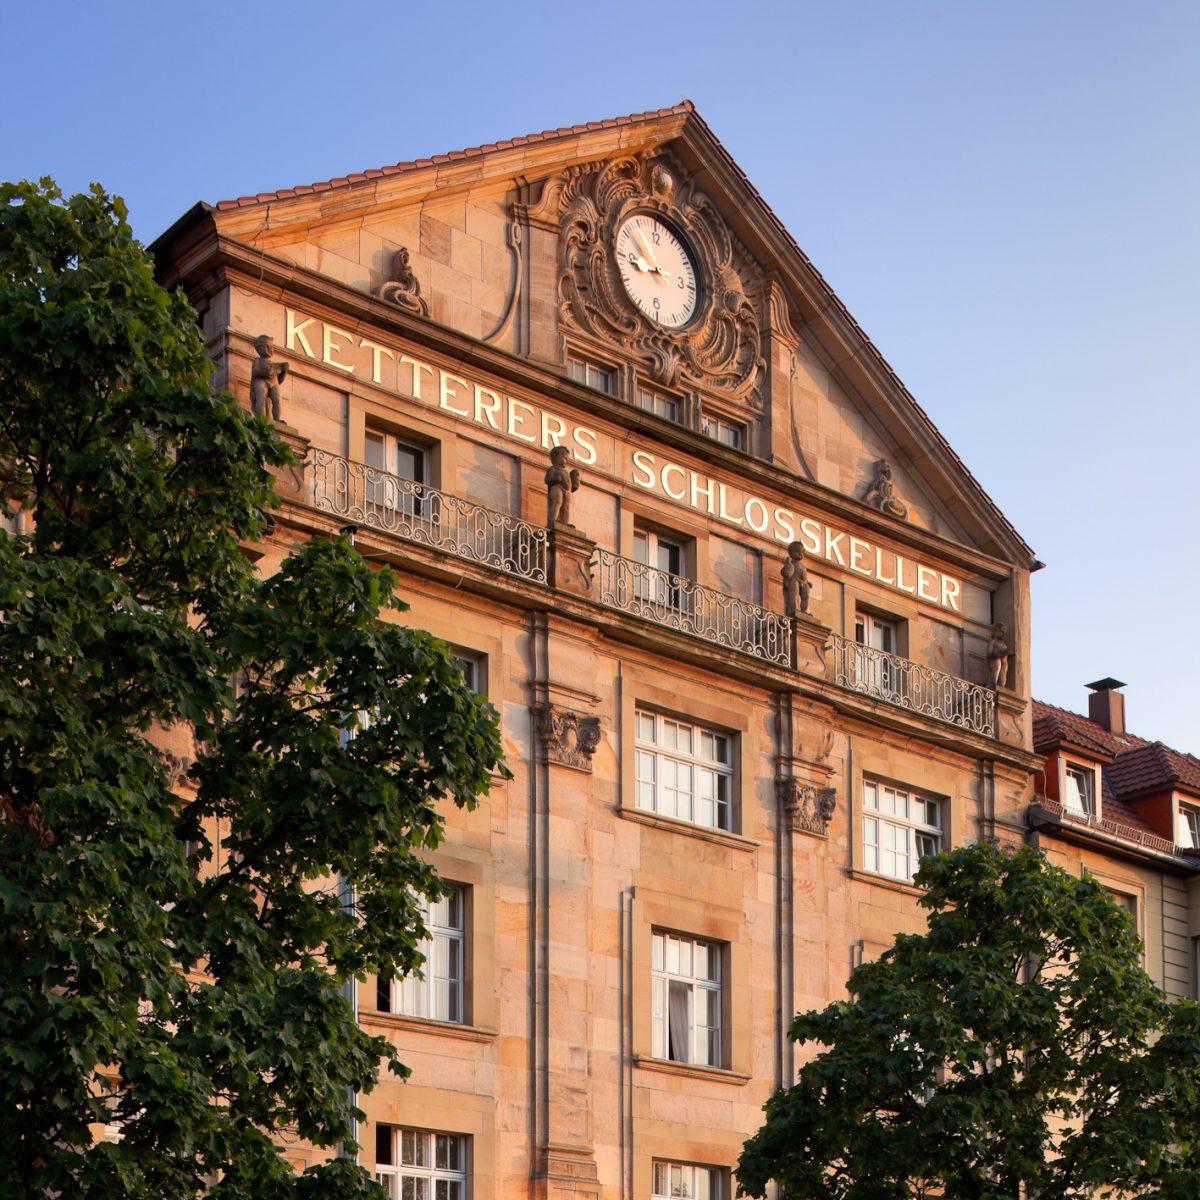 Ketterer Brauerei Gastronomie - Ketterers Schlosskeller - Aussen